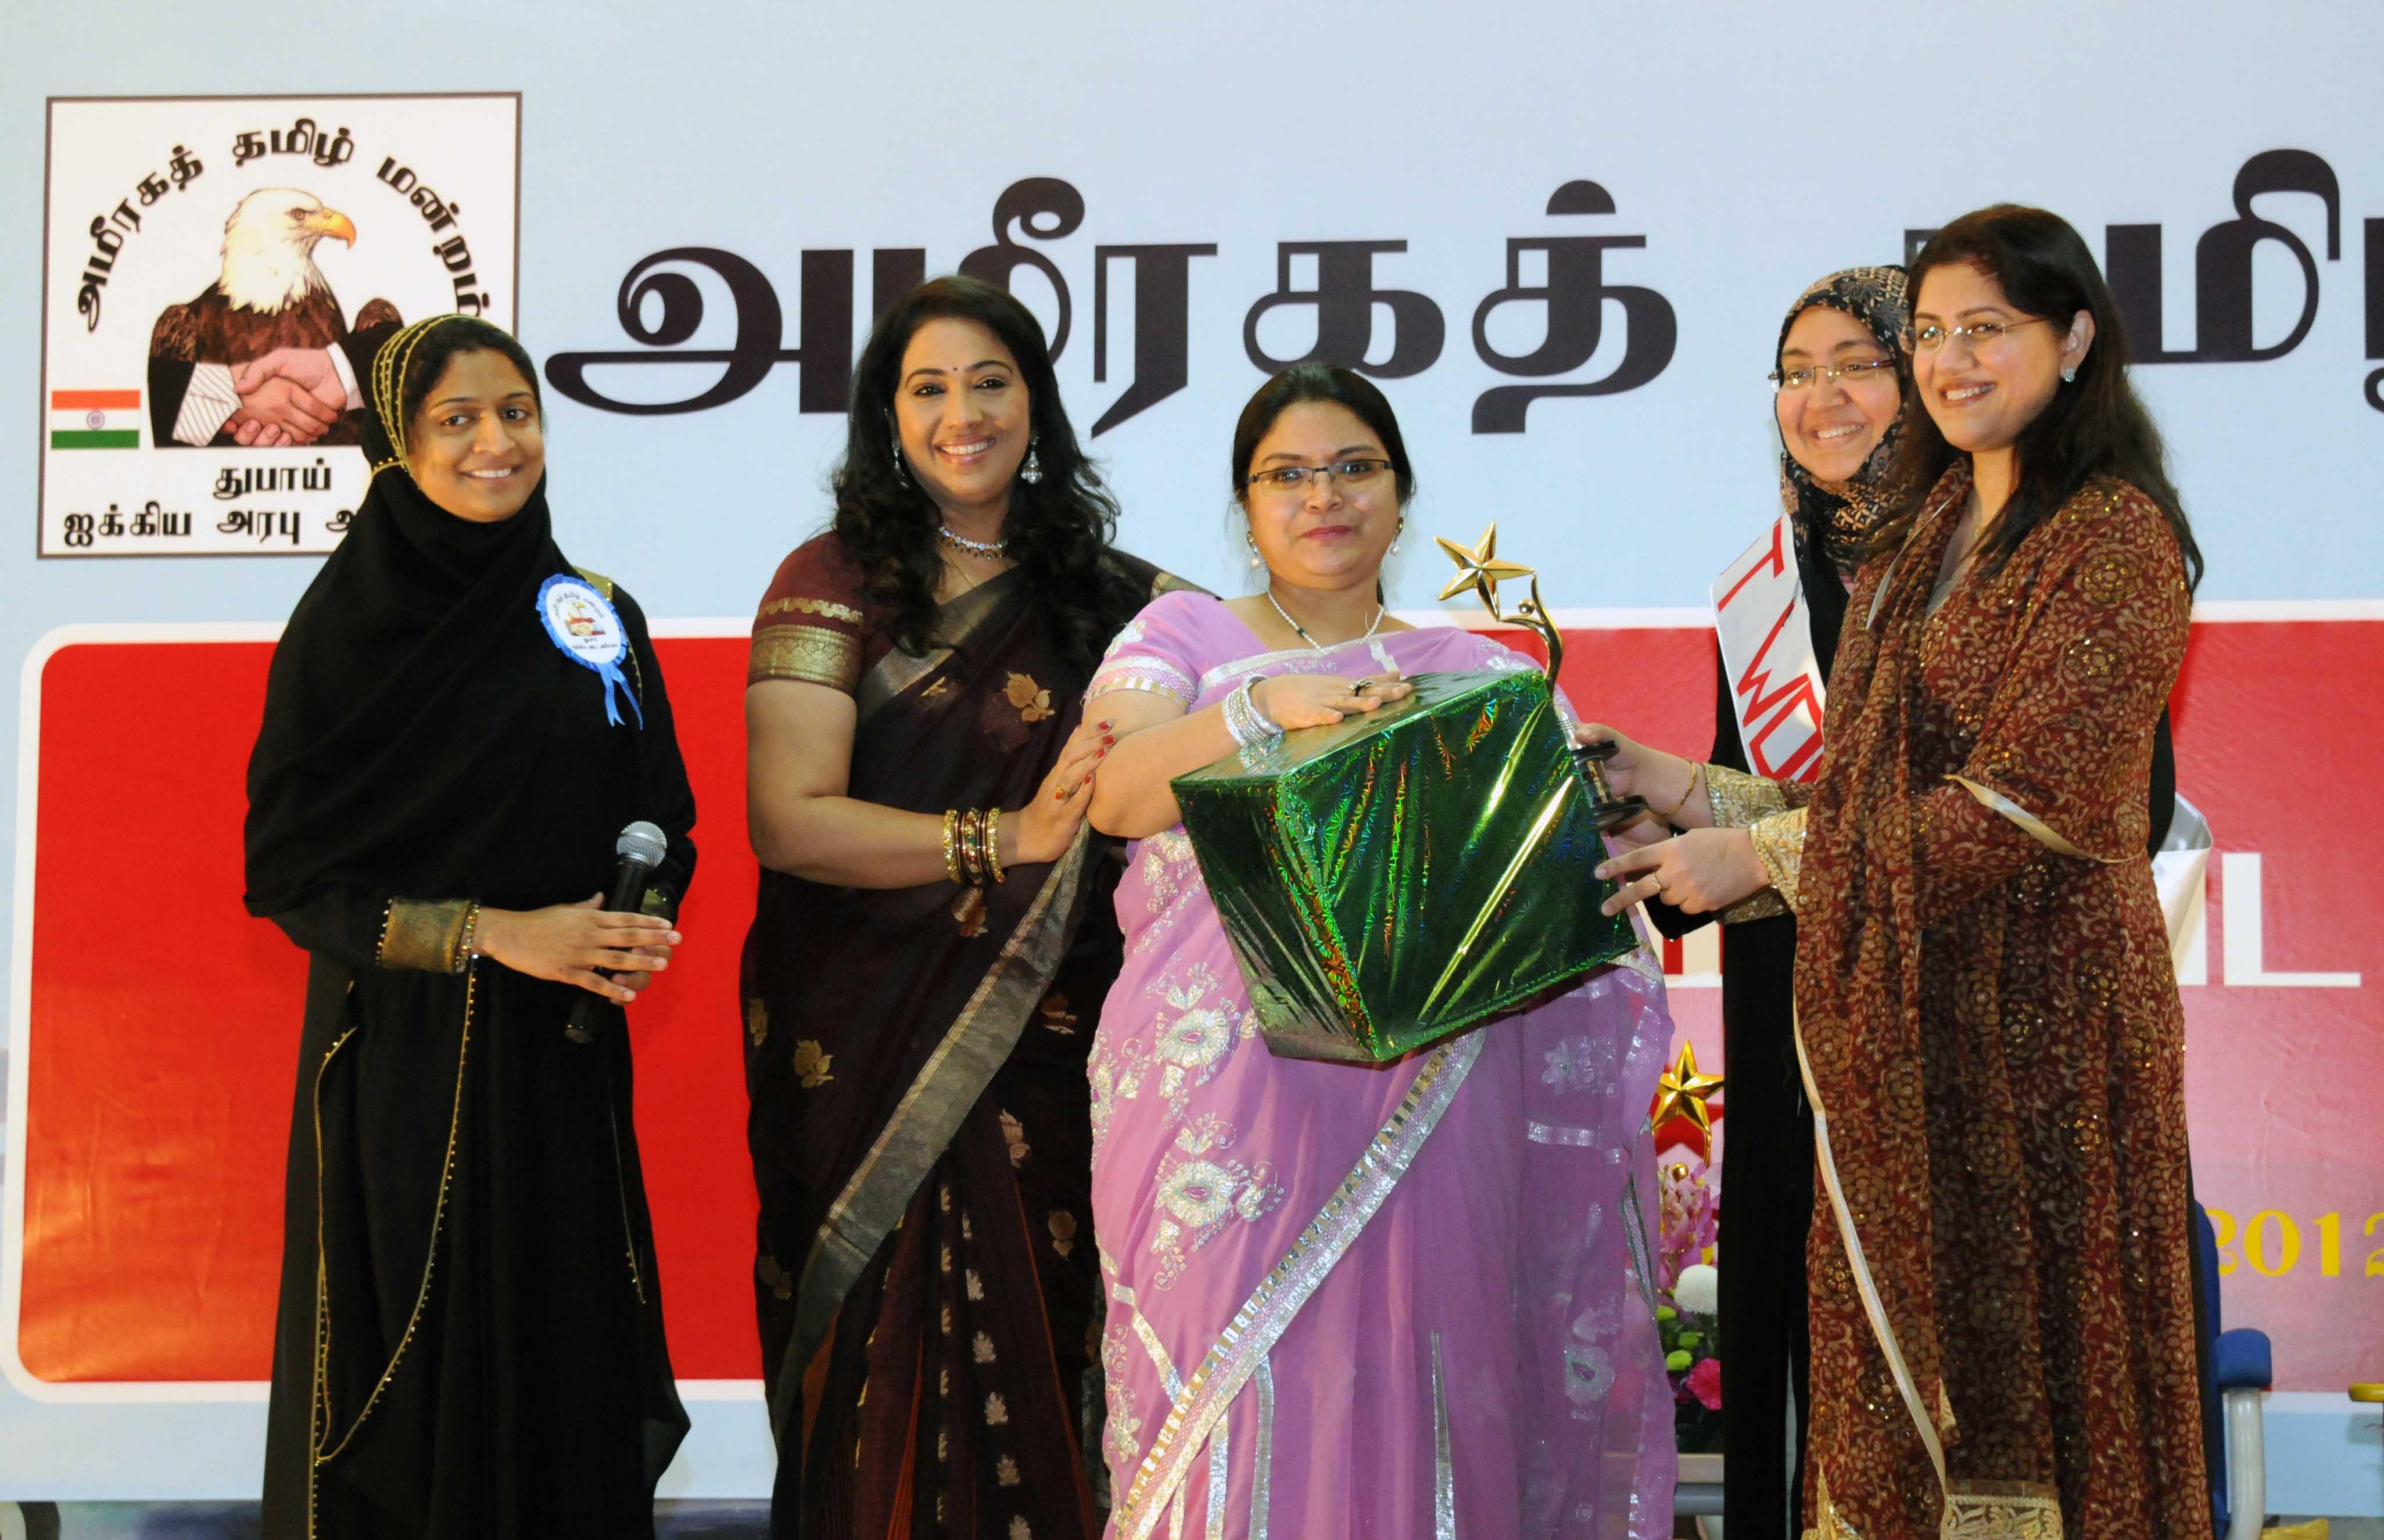 'கனவு மெய்ப்பட வேண்டும்' – துபாய் 'அமீரகத் தமிழ் மன்றத்தின்' பெண்கள் விழா